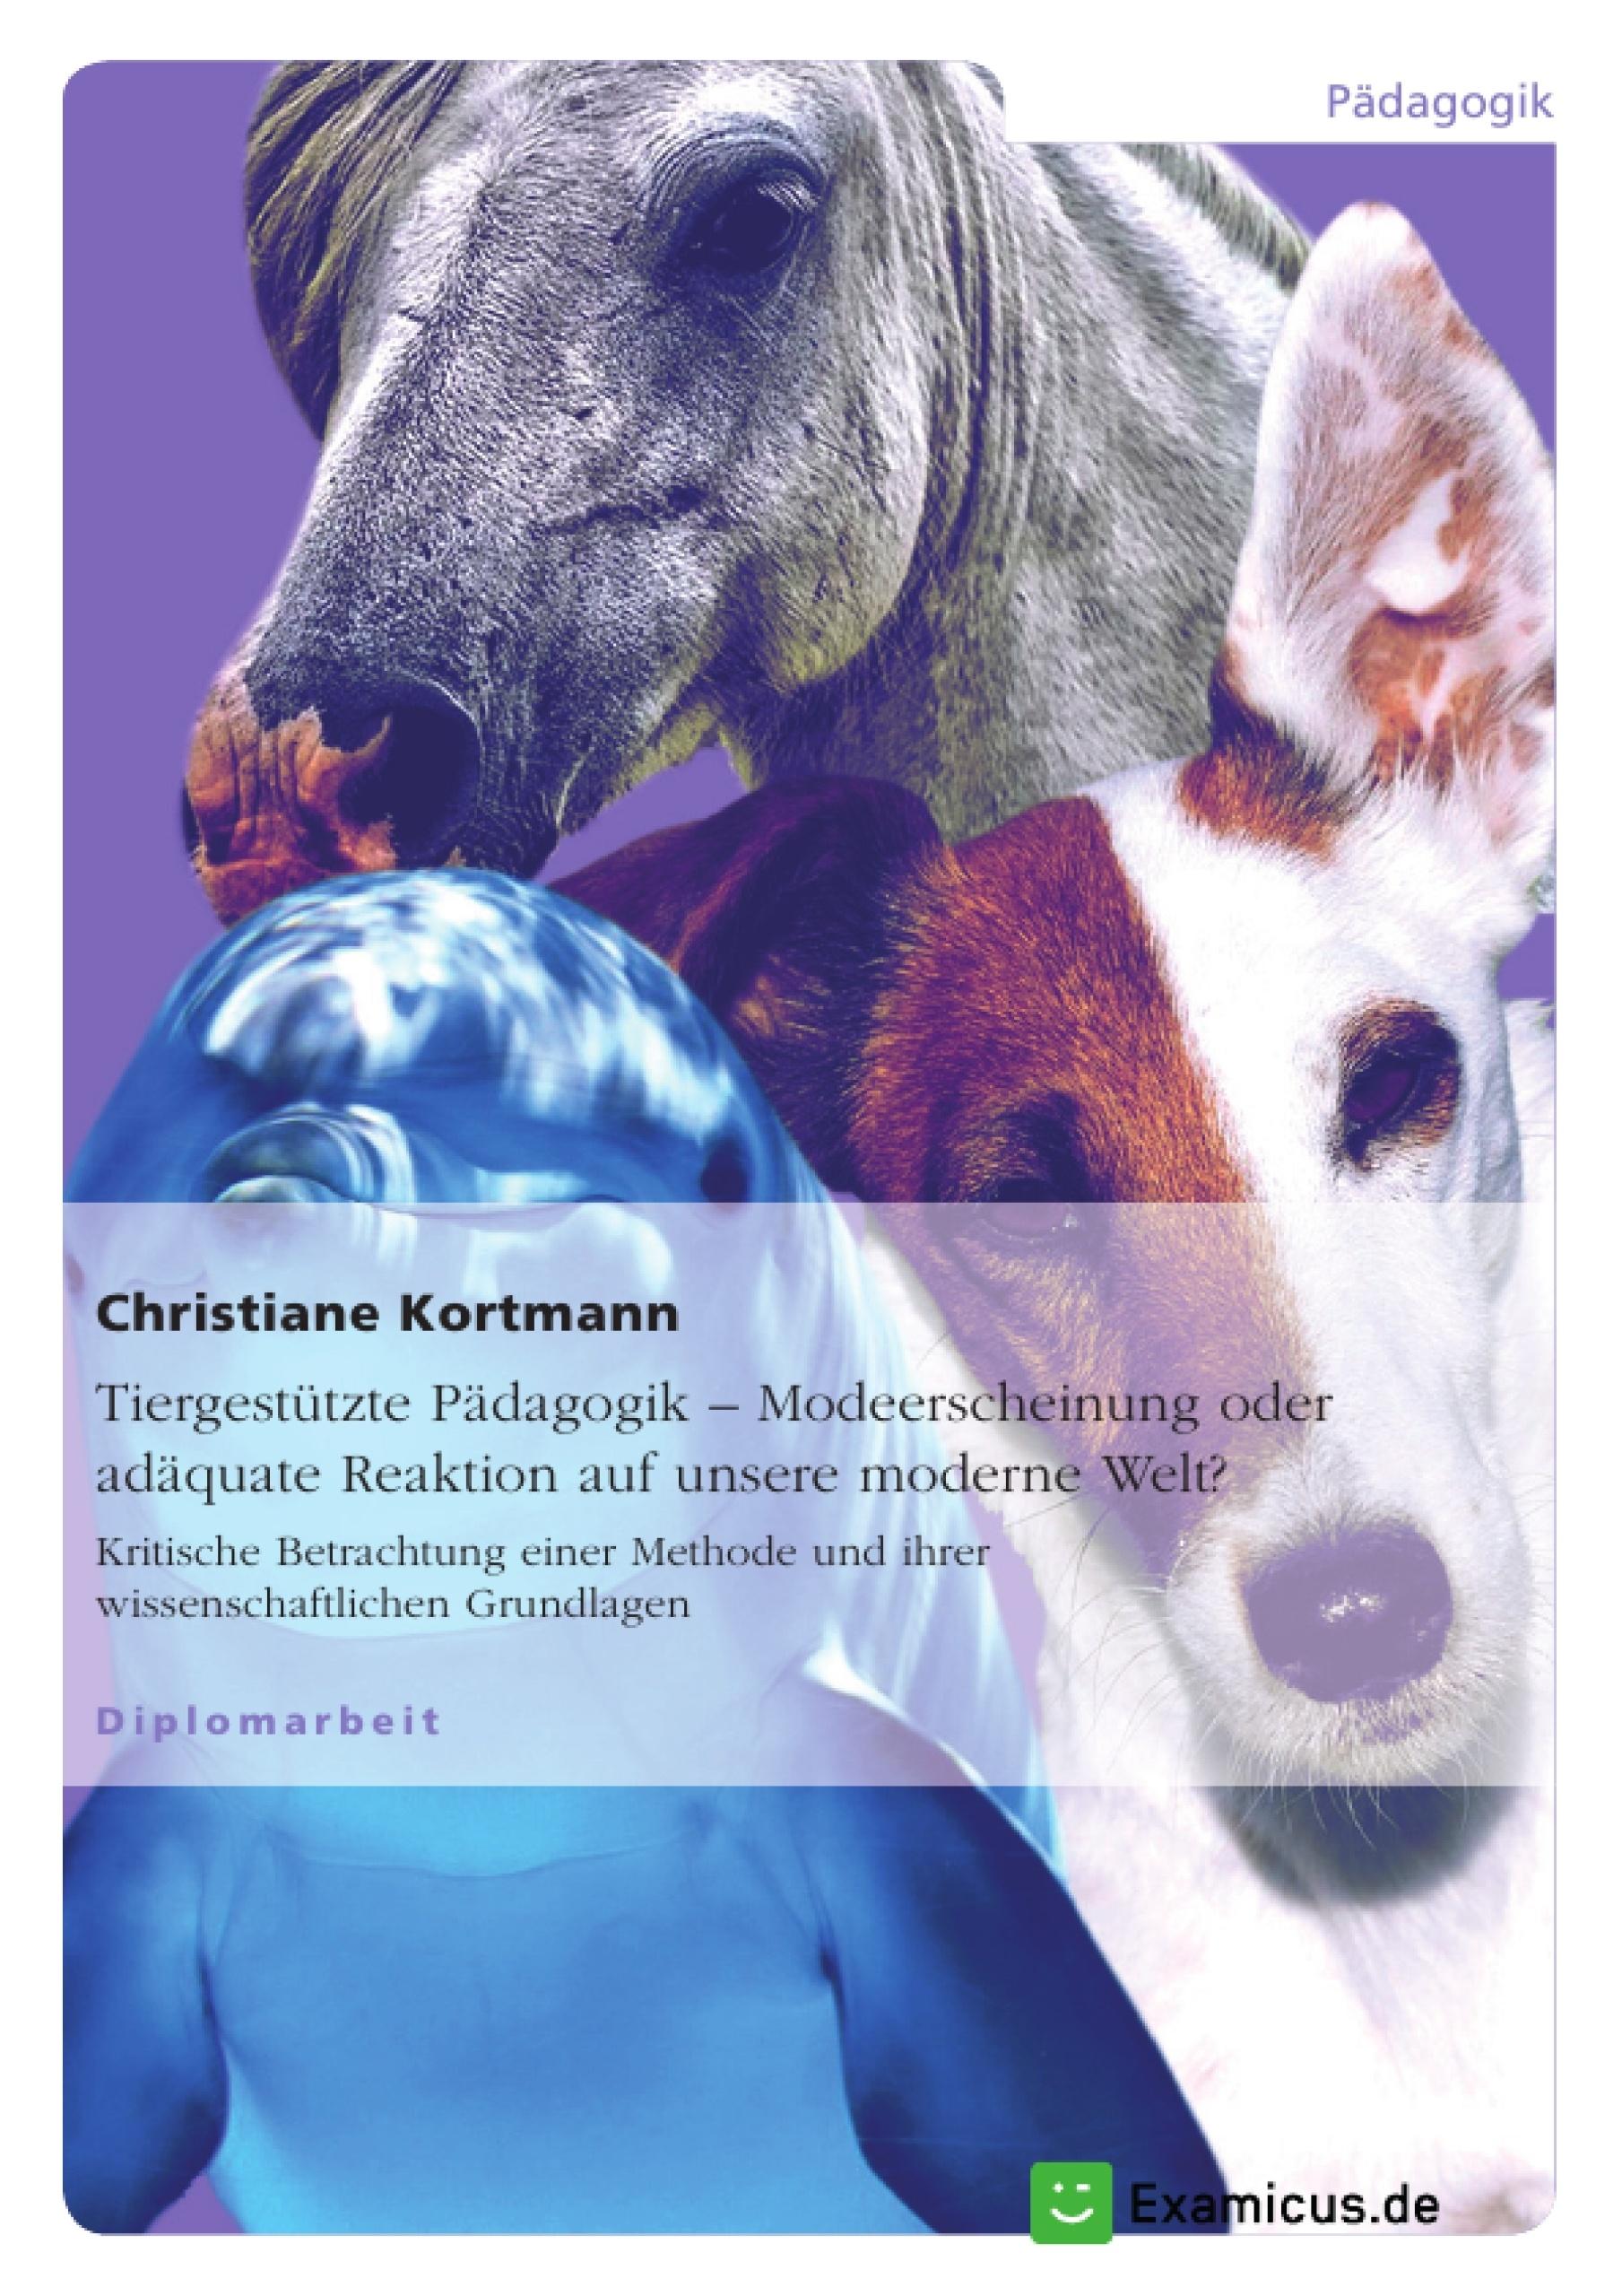 Titel: Tiergestützte Pädagogik – Modeerscheinung oder adäquate Reaktion auf unsere moderne Welt?